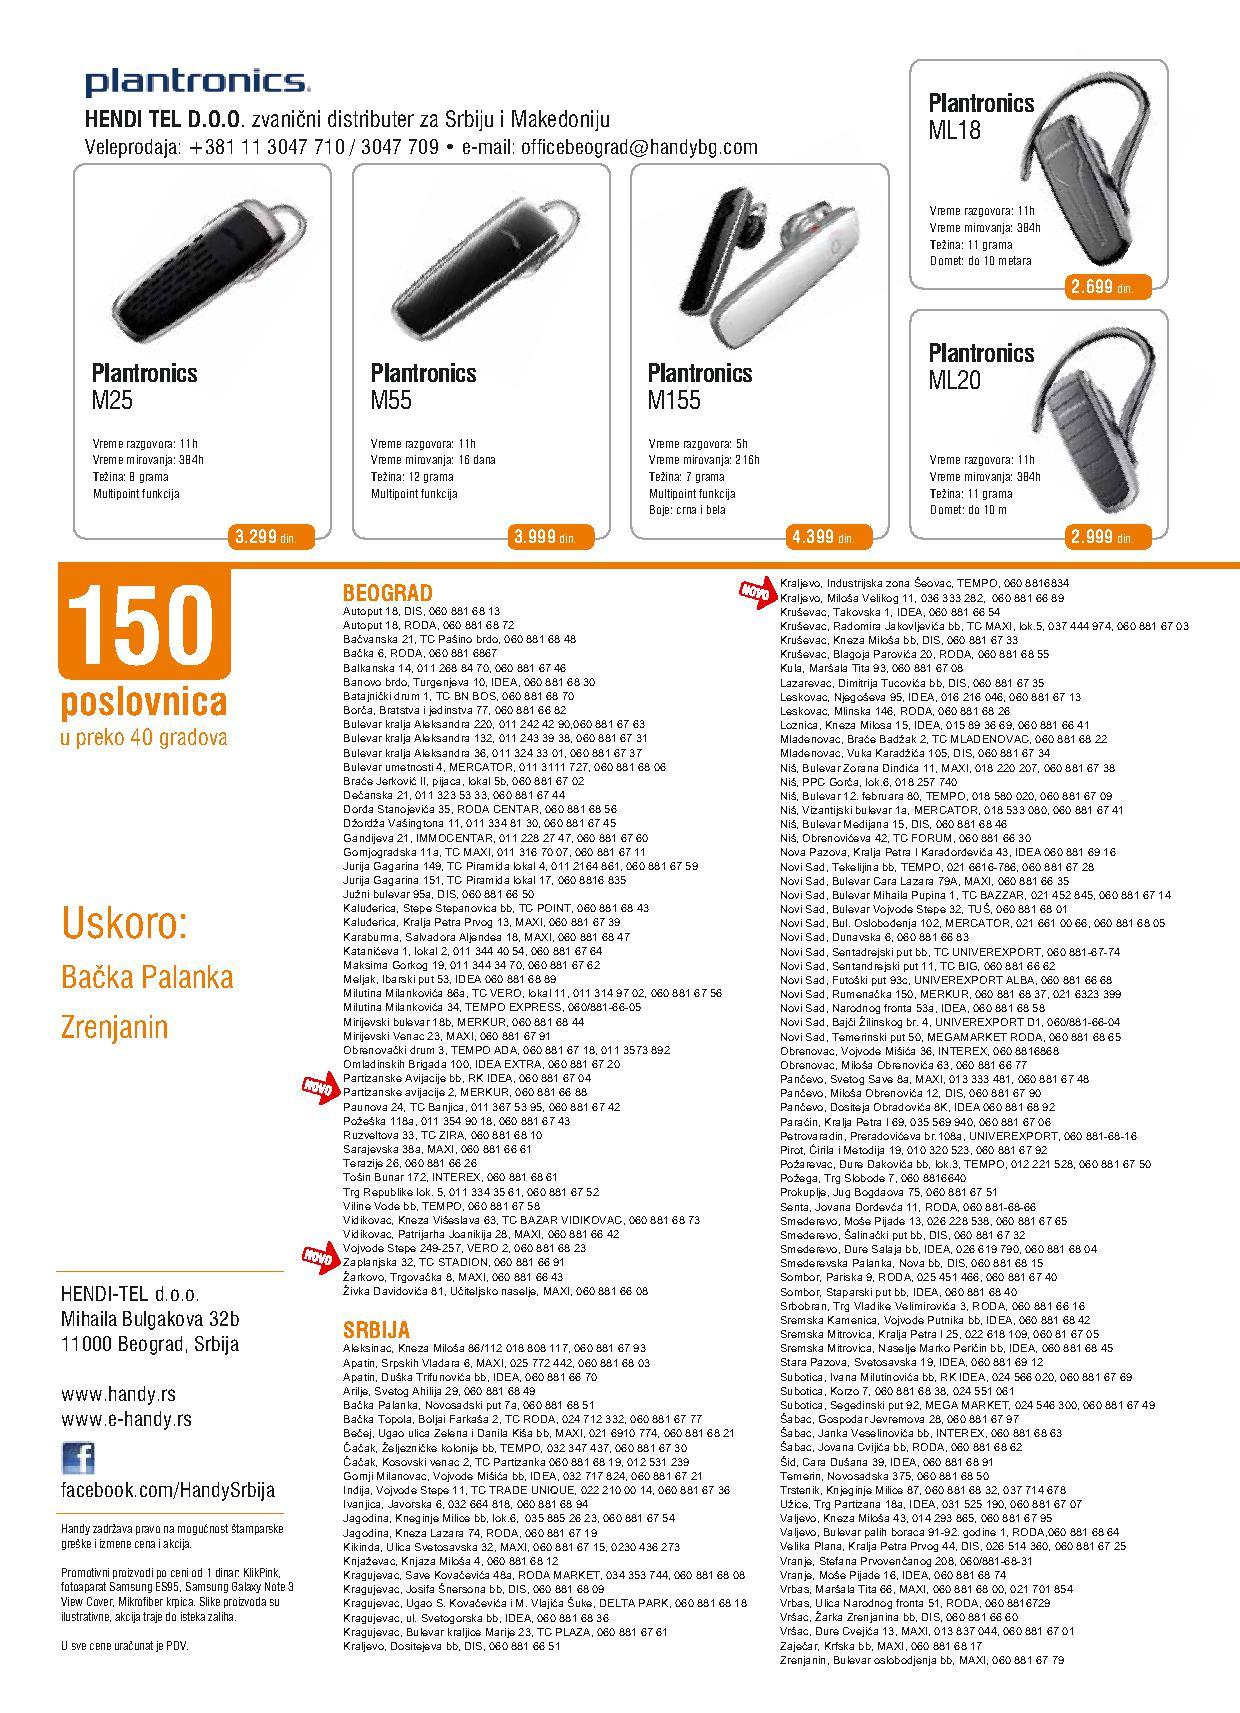 Handy katalog super niskih cena